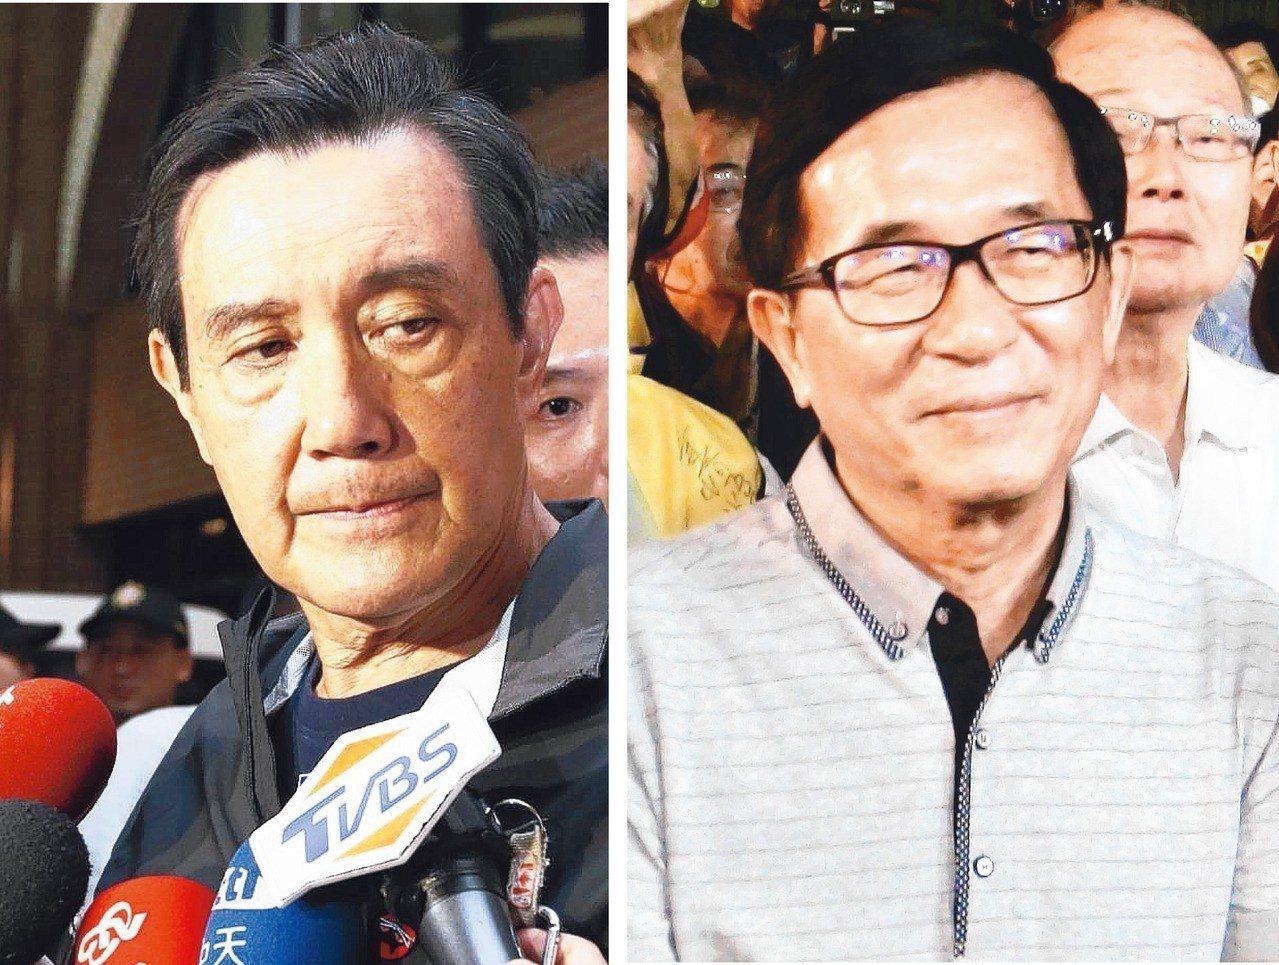 今年選舉,兩位重量級助選員,前總統馬英九(左)和陳水扁(右)火紅程度不輸候選人。...